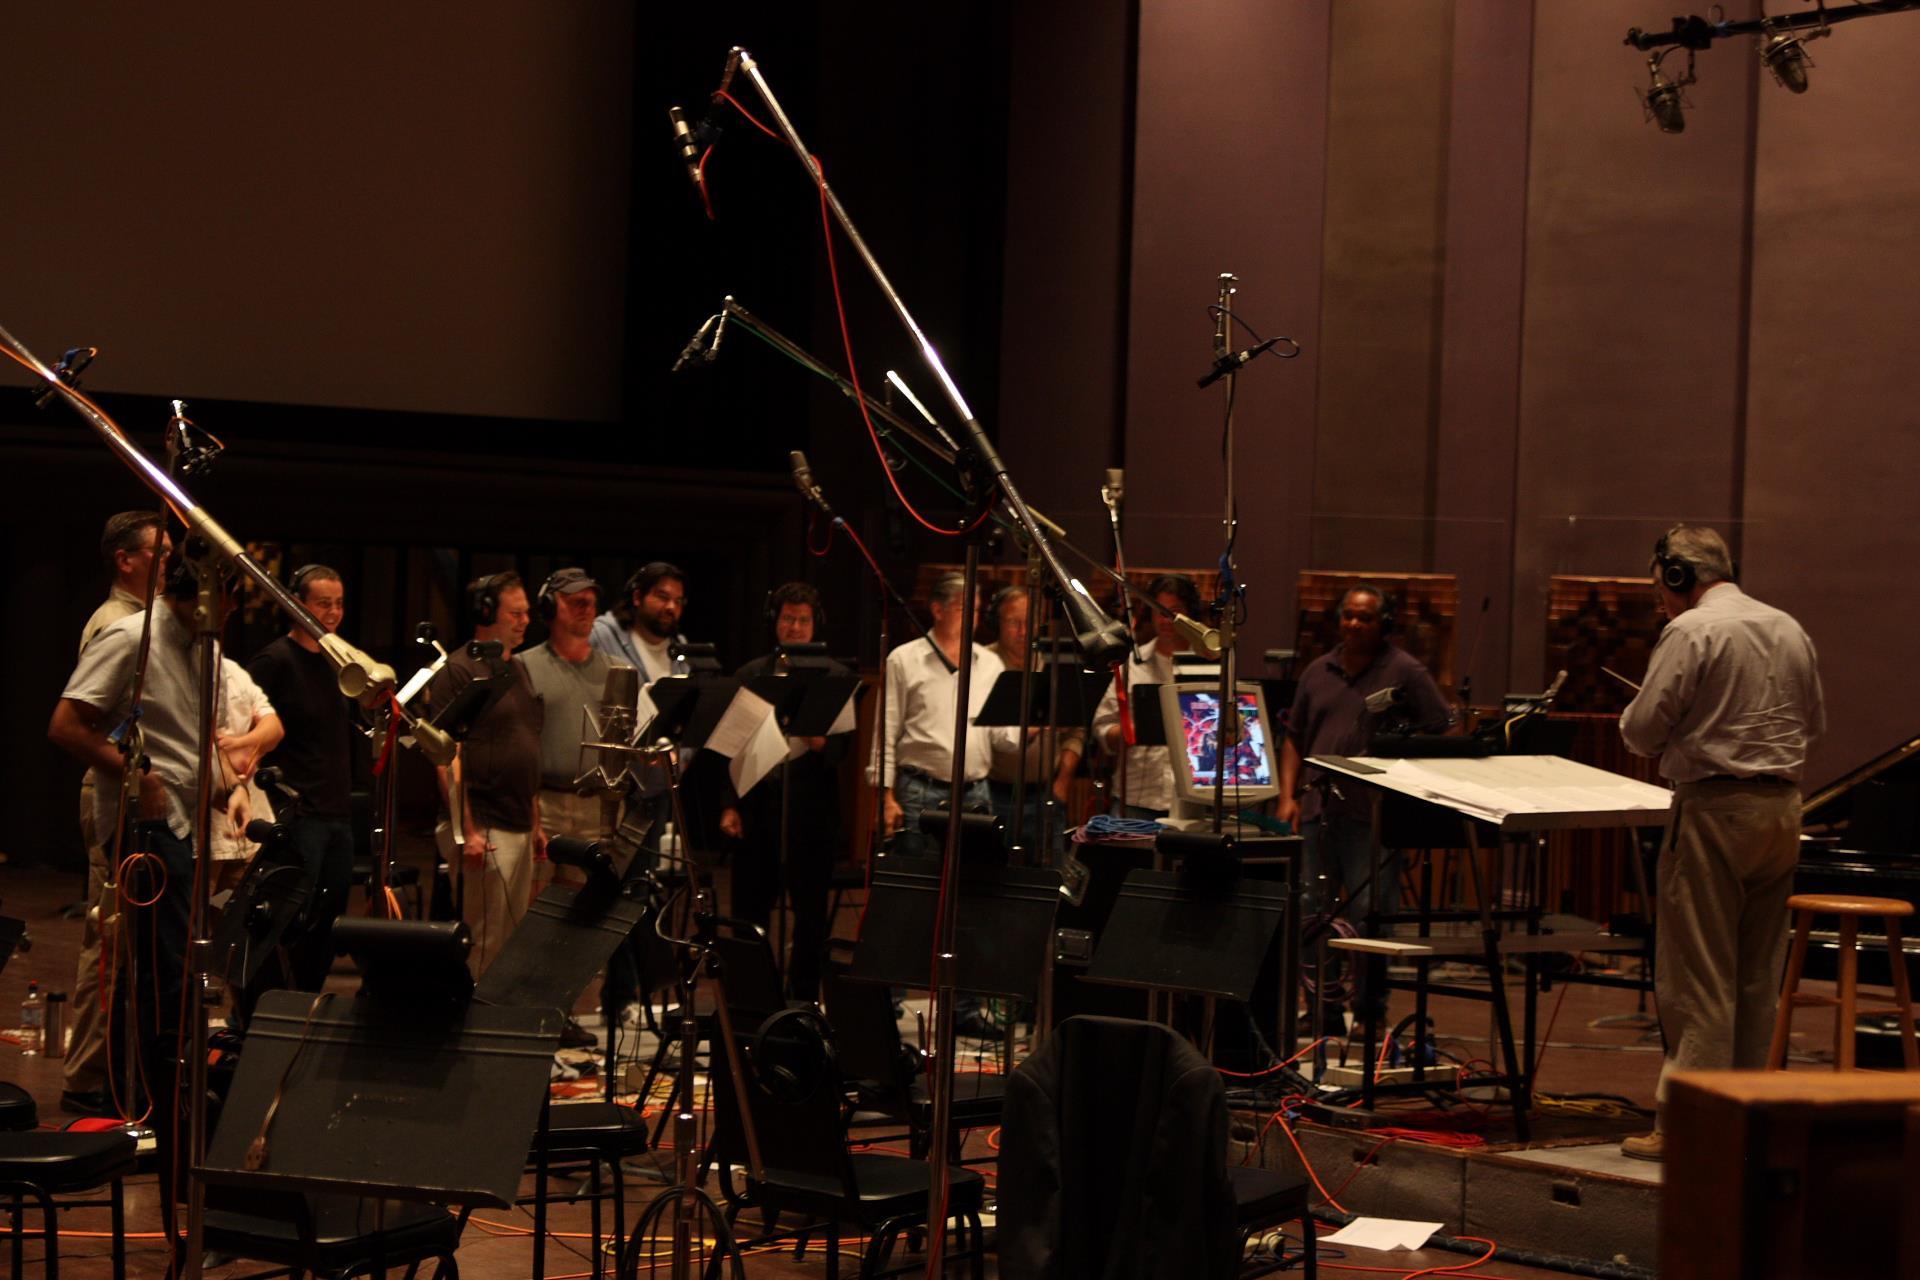 Choir session for Red Alert 3 at Skywalker Sound, 2008.